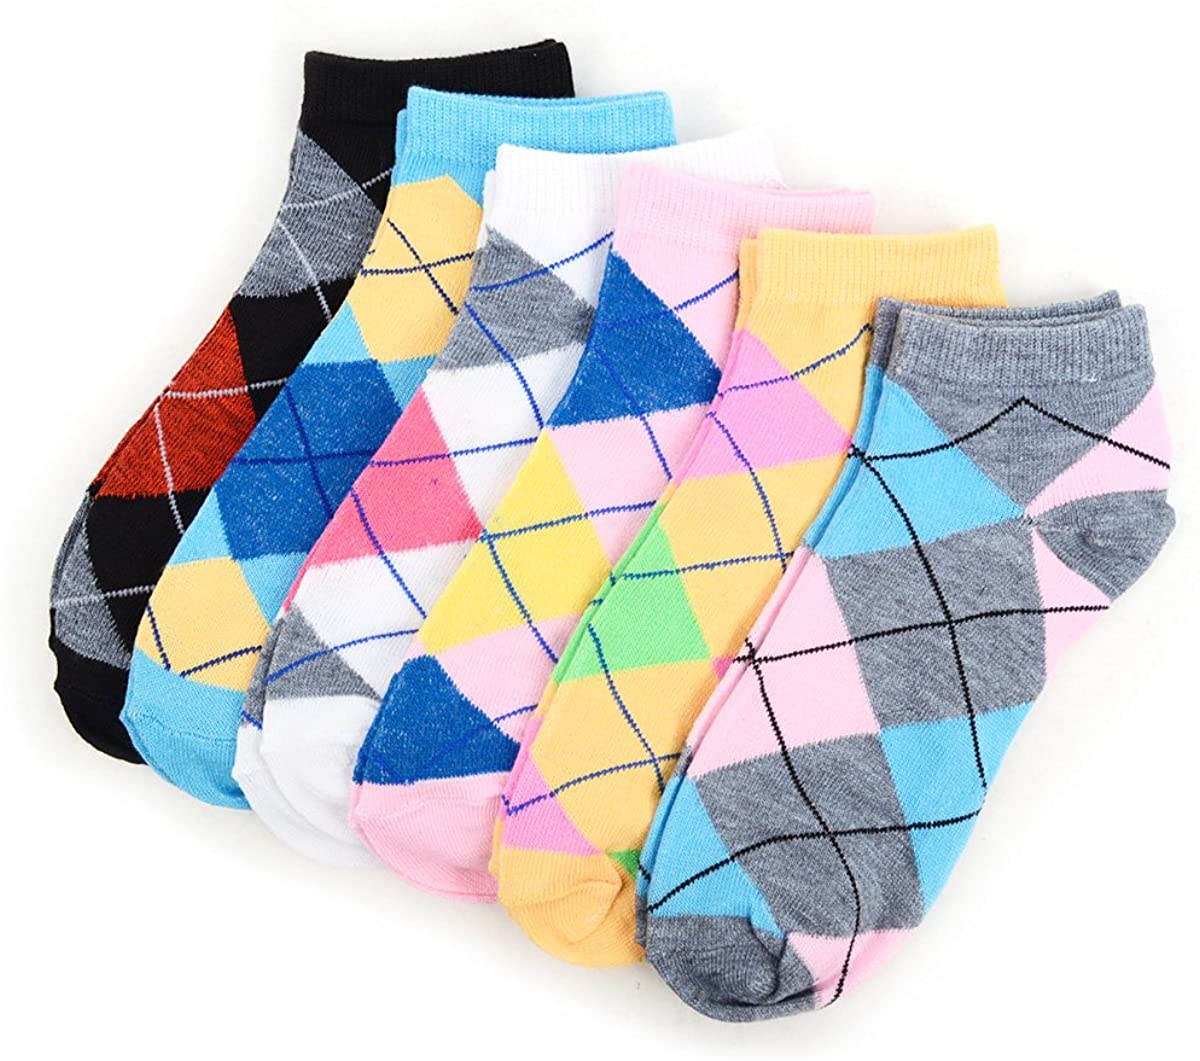 Women's Argyle Low Cut Socks